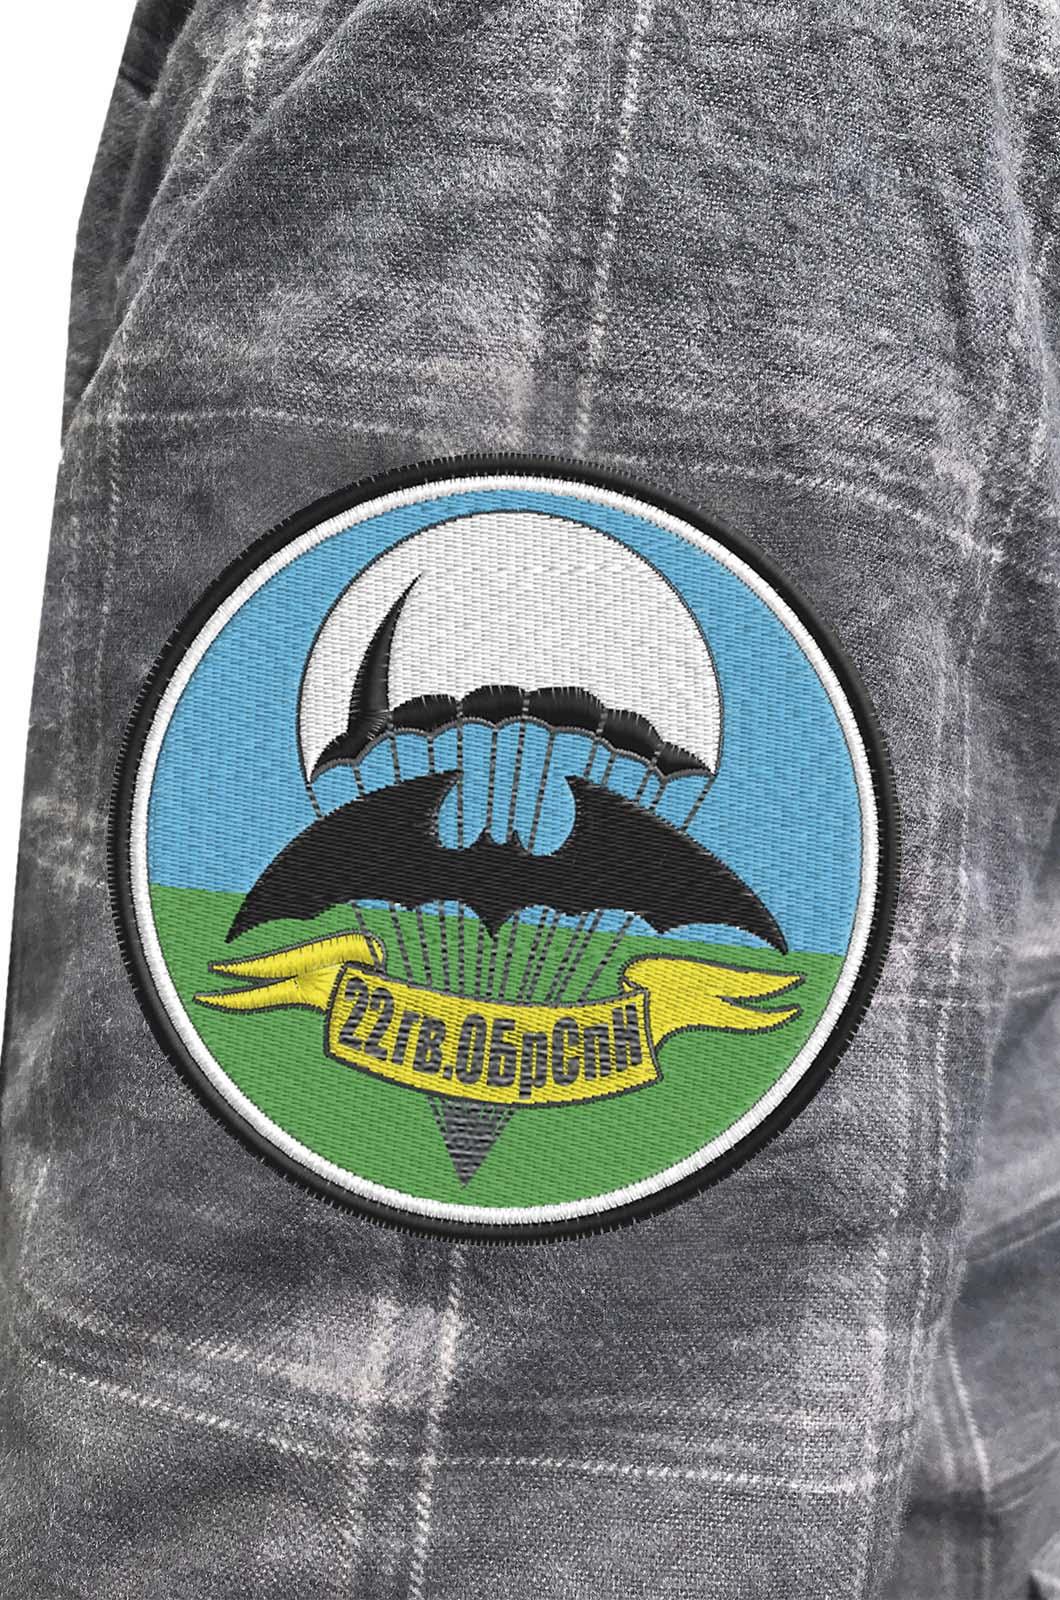 Серая рубашка 22 гв. ОБрСпН купить в подарок